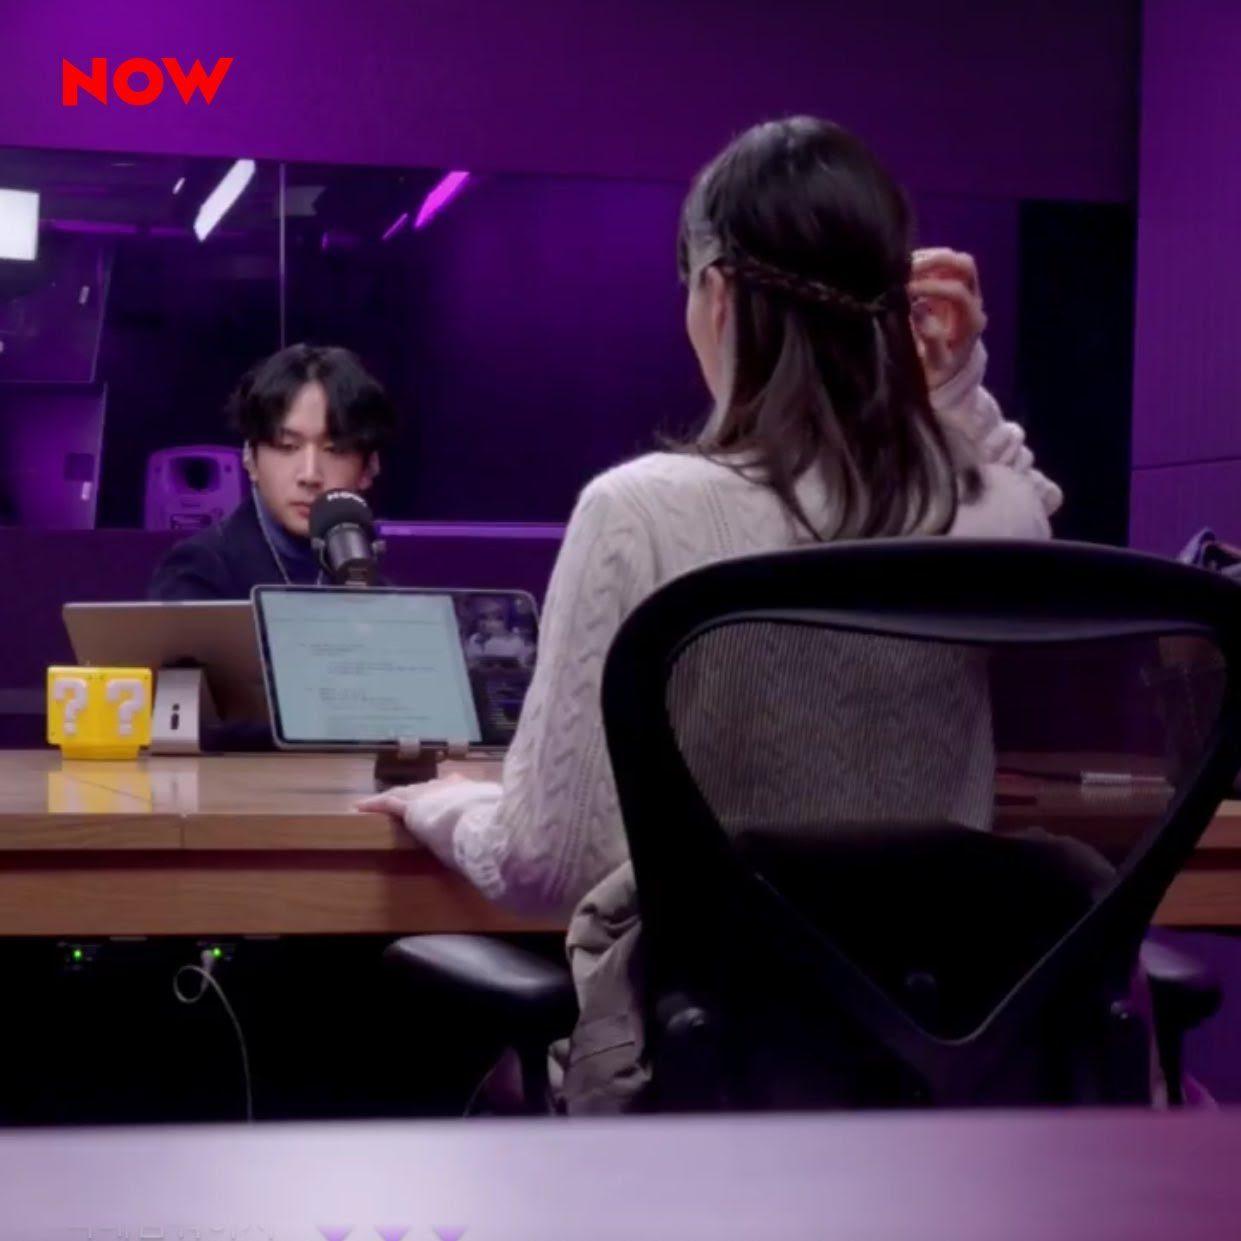 韩媒爆假料?泰妍、Ravi恋情是假的,双方经纪公司都出面否认了!插图3